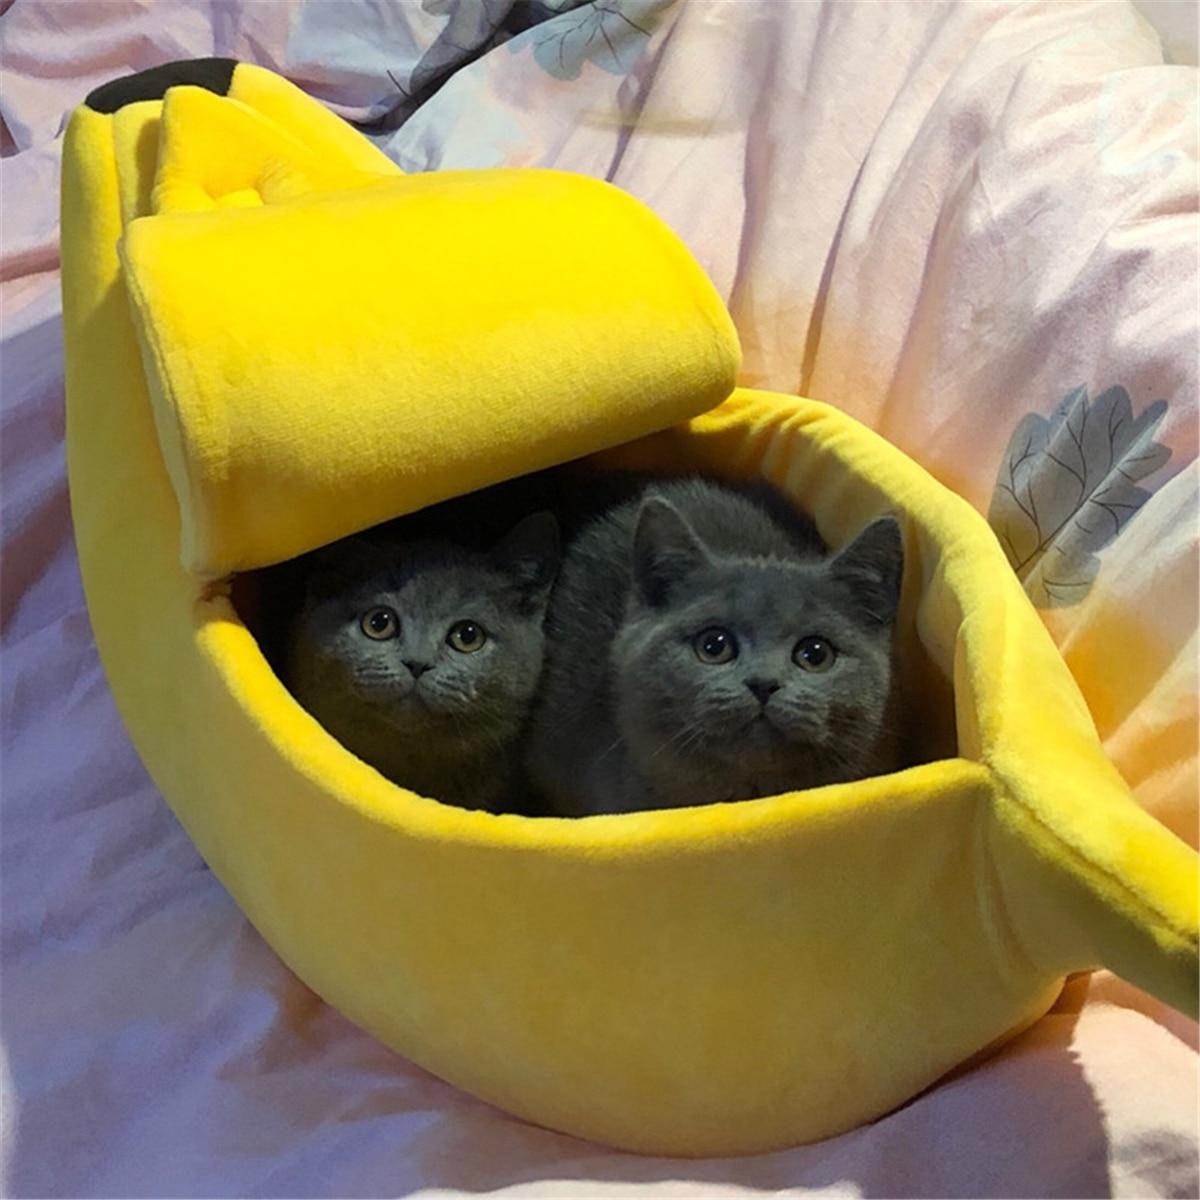 Forma de plátano mascota perro gato cama casa estera perrera perrito cojín cesta caliente portátil perro gato suministros S/M/L/XL